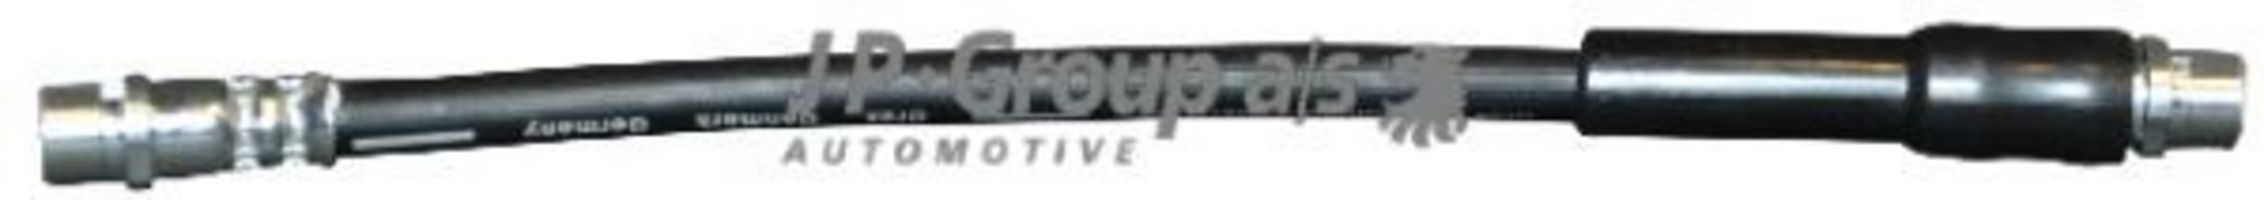 Шланг тормозной JP GROUP 1161600300